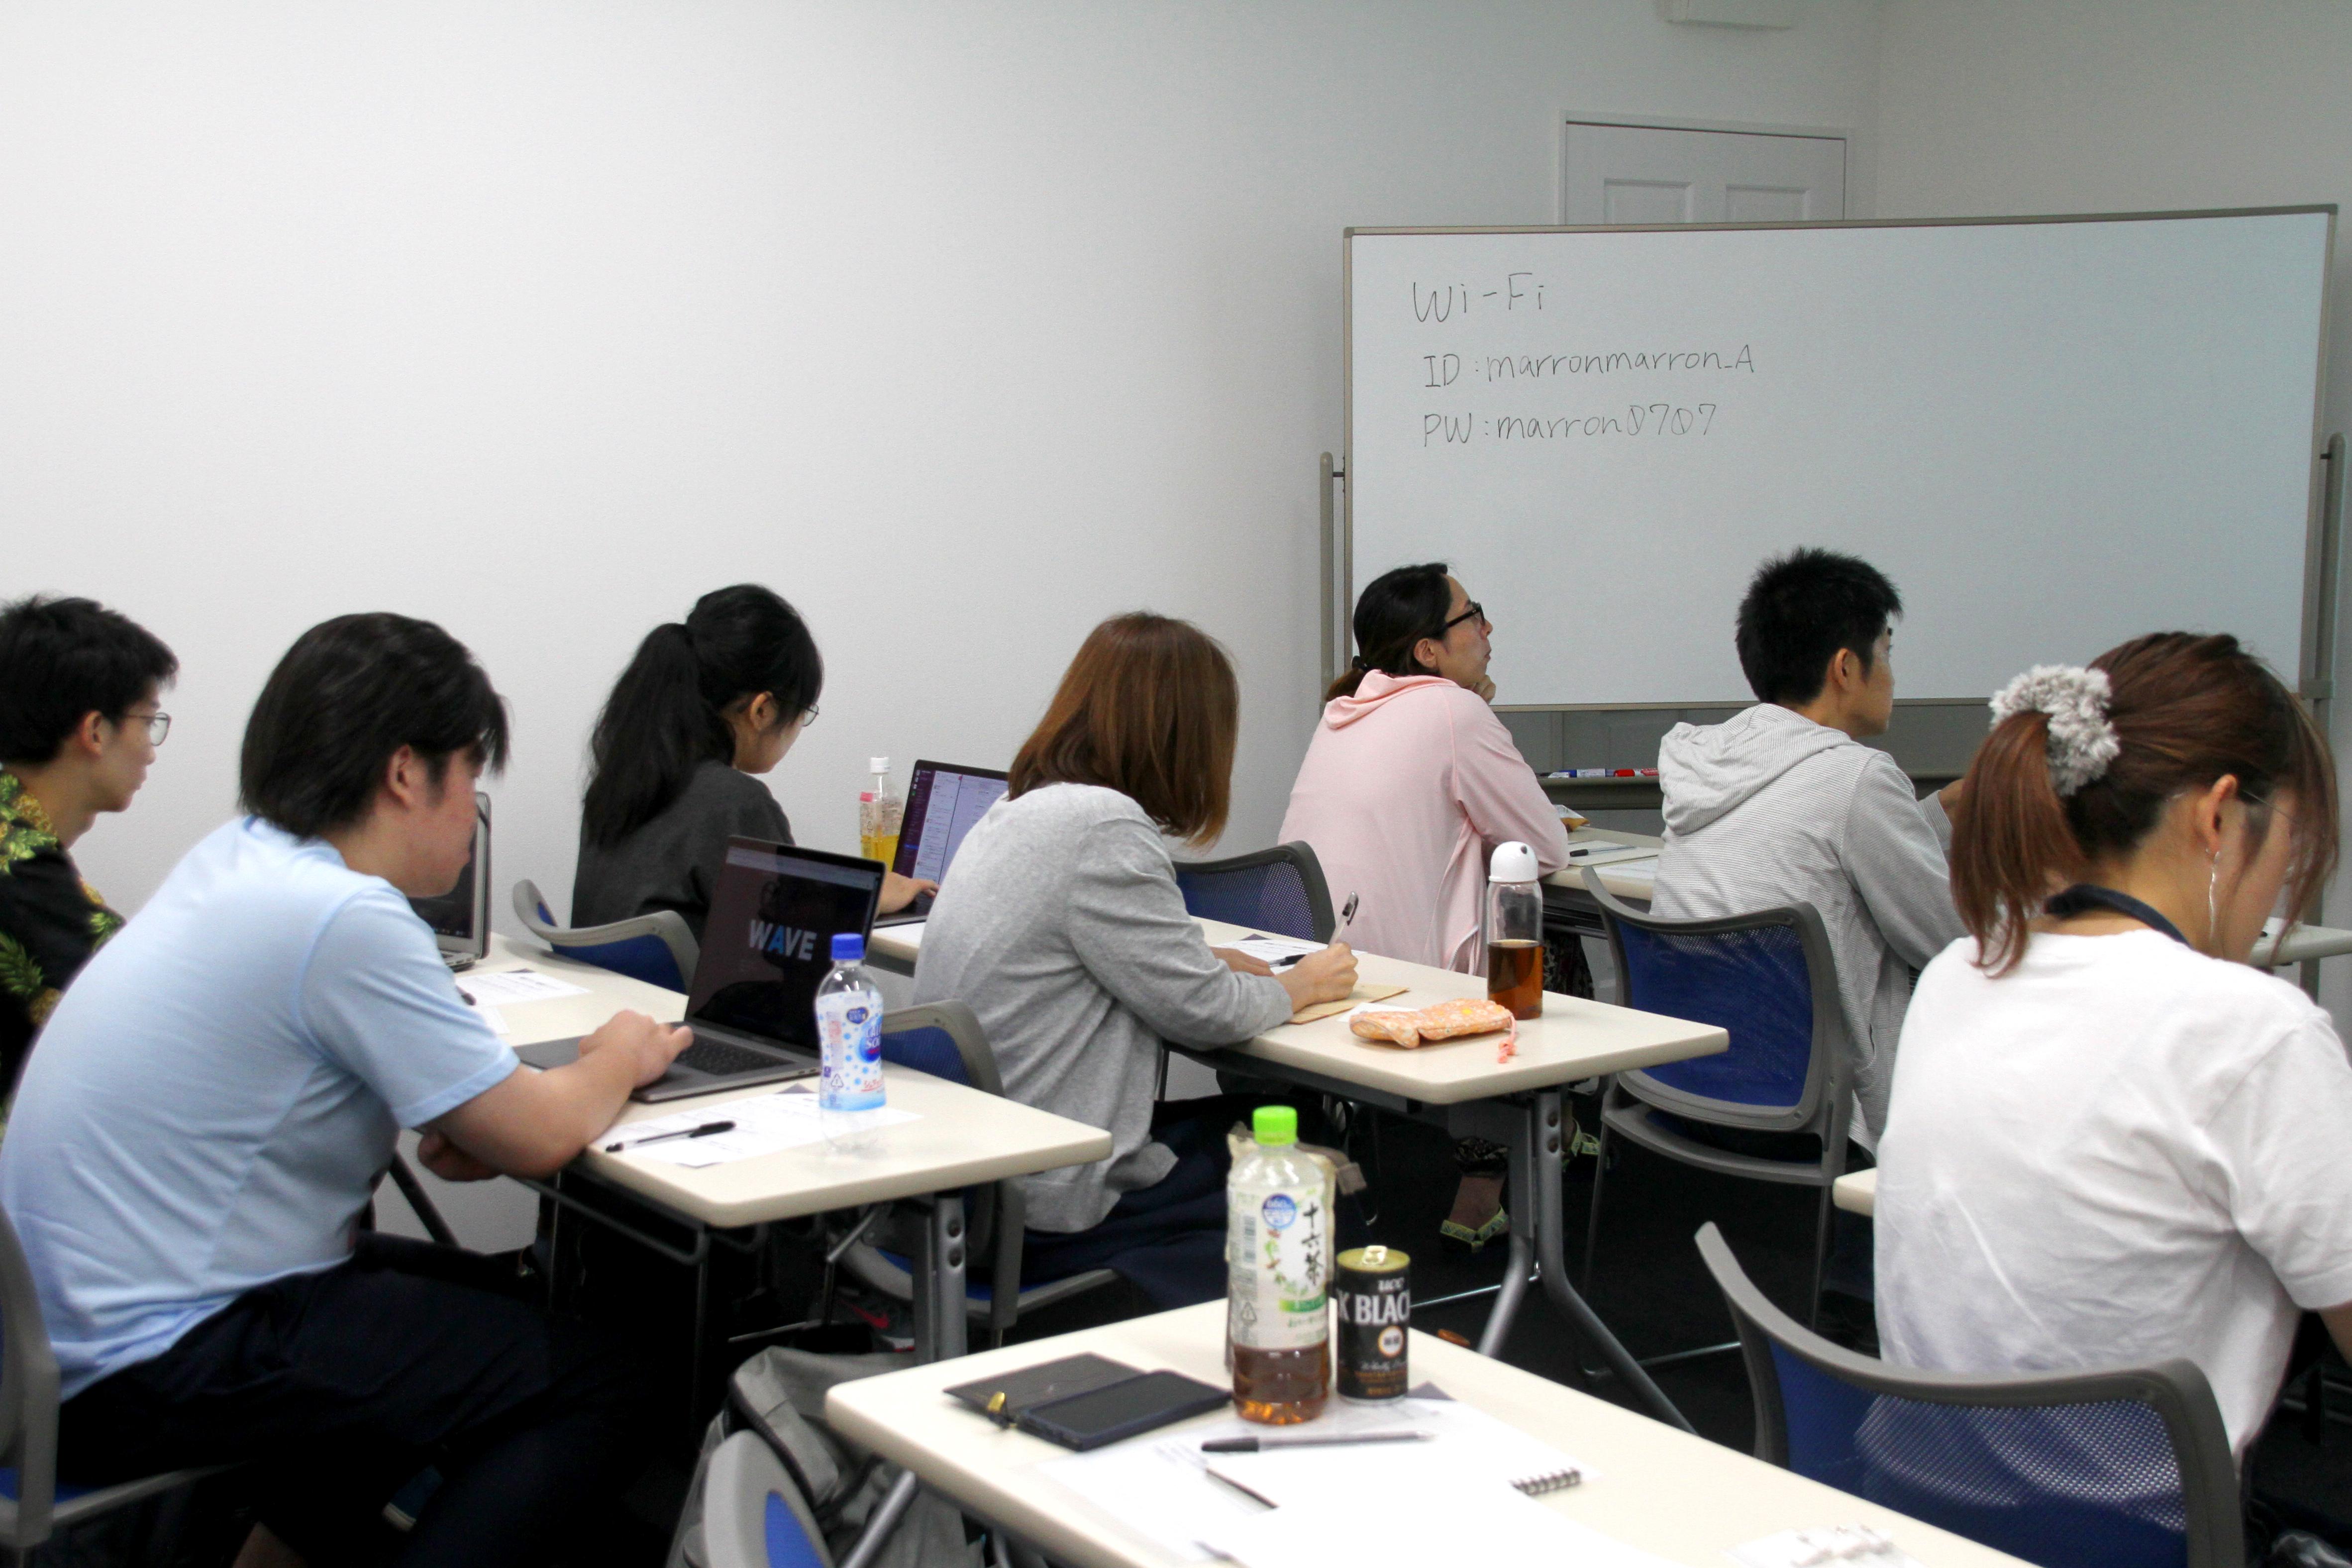 岐阜デザイン勉強会#5「文字・タイポグラフィを使ってデザインする方法」セッション1